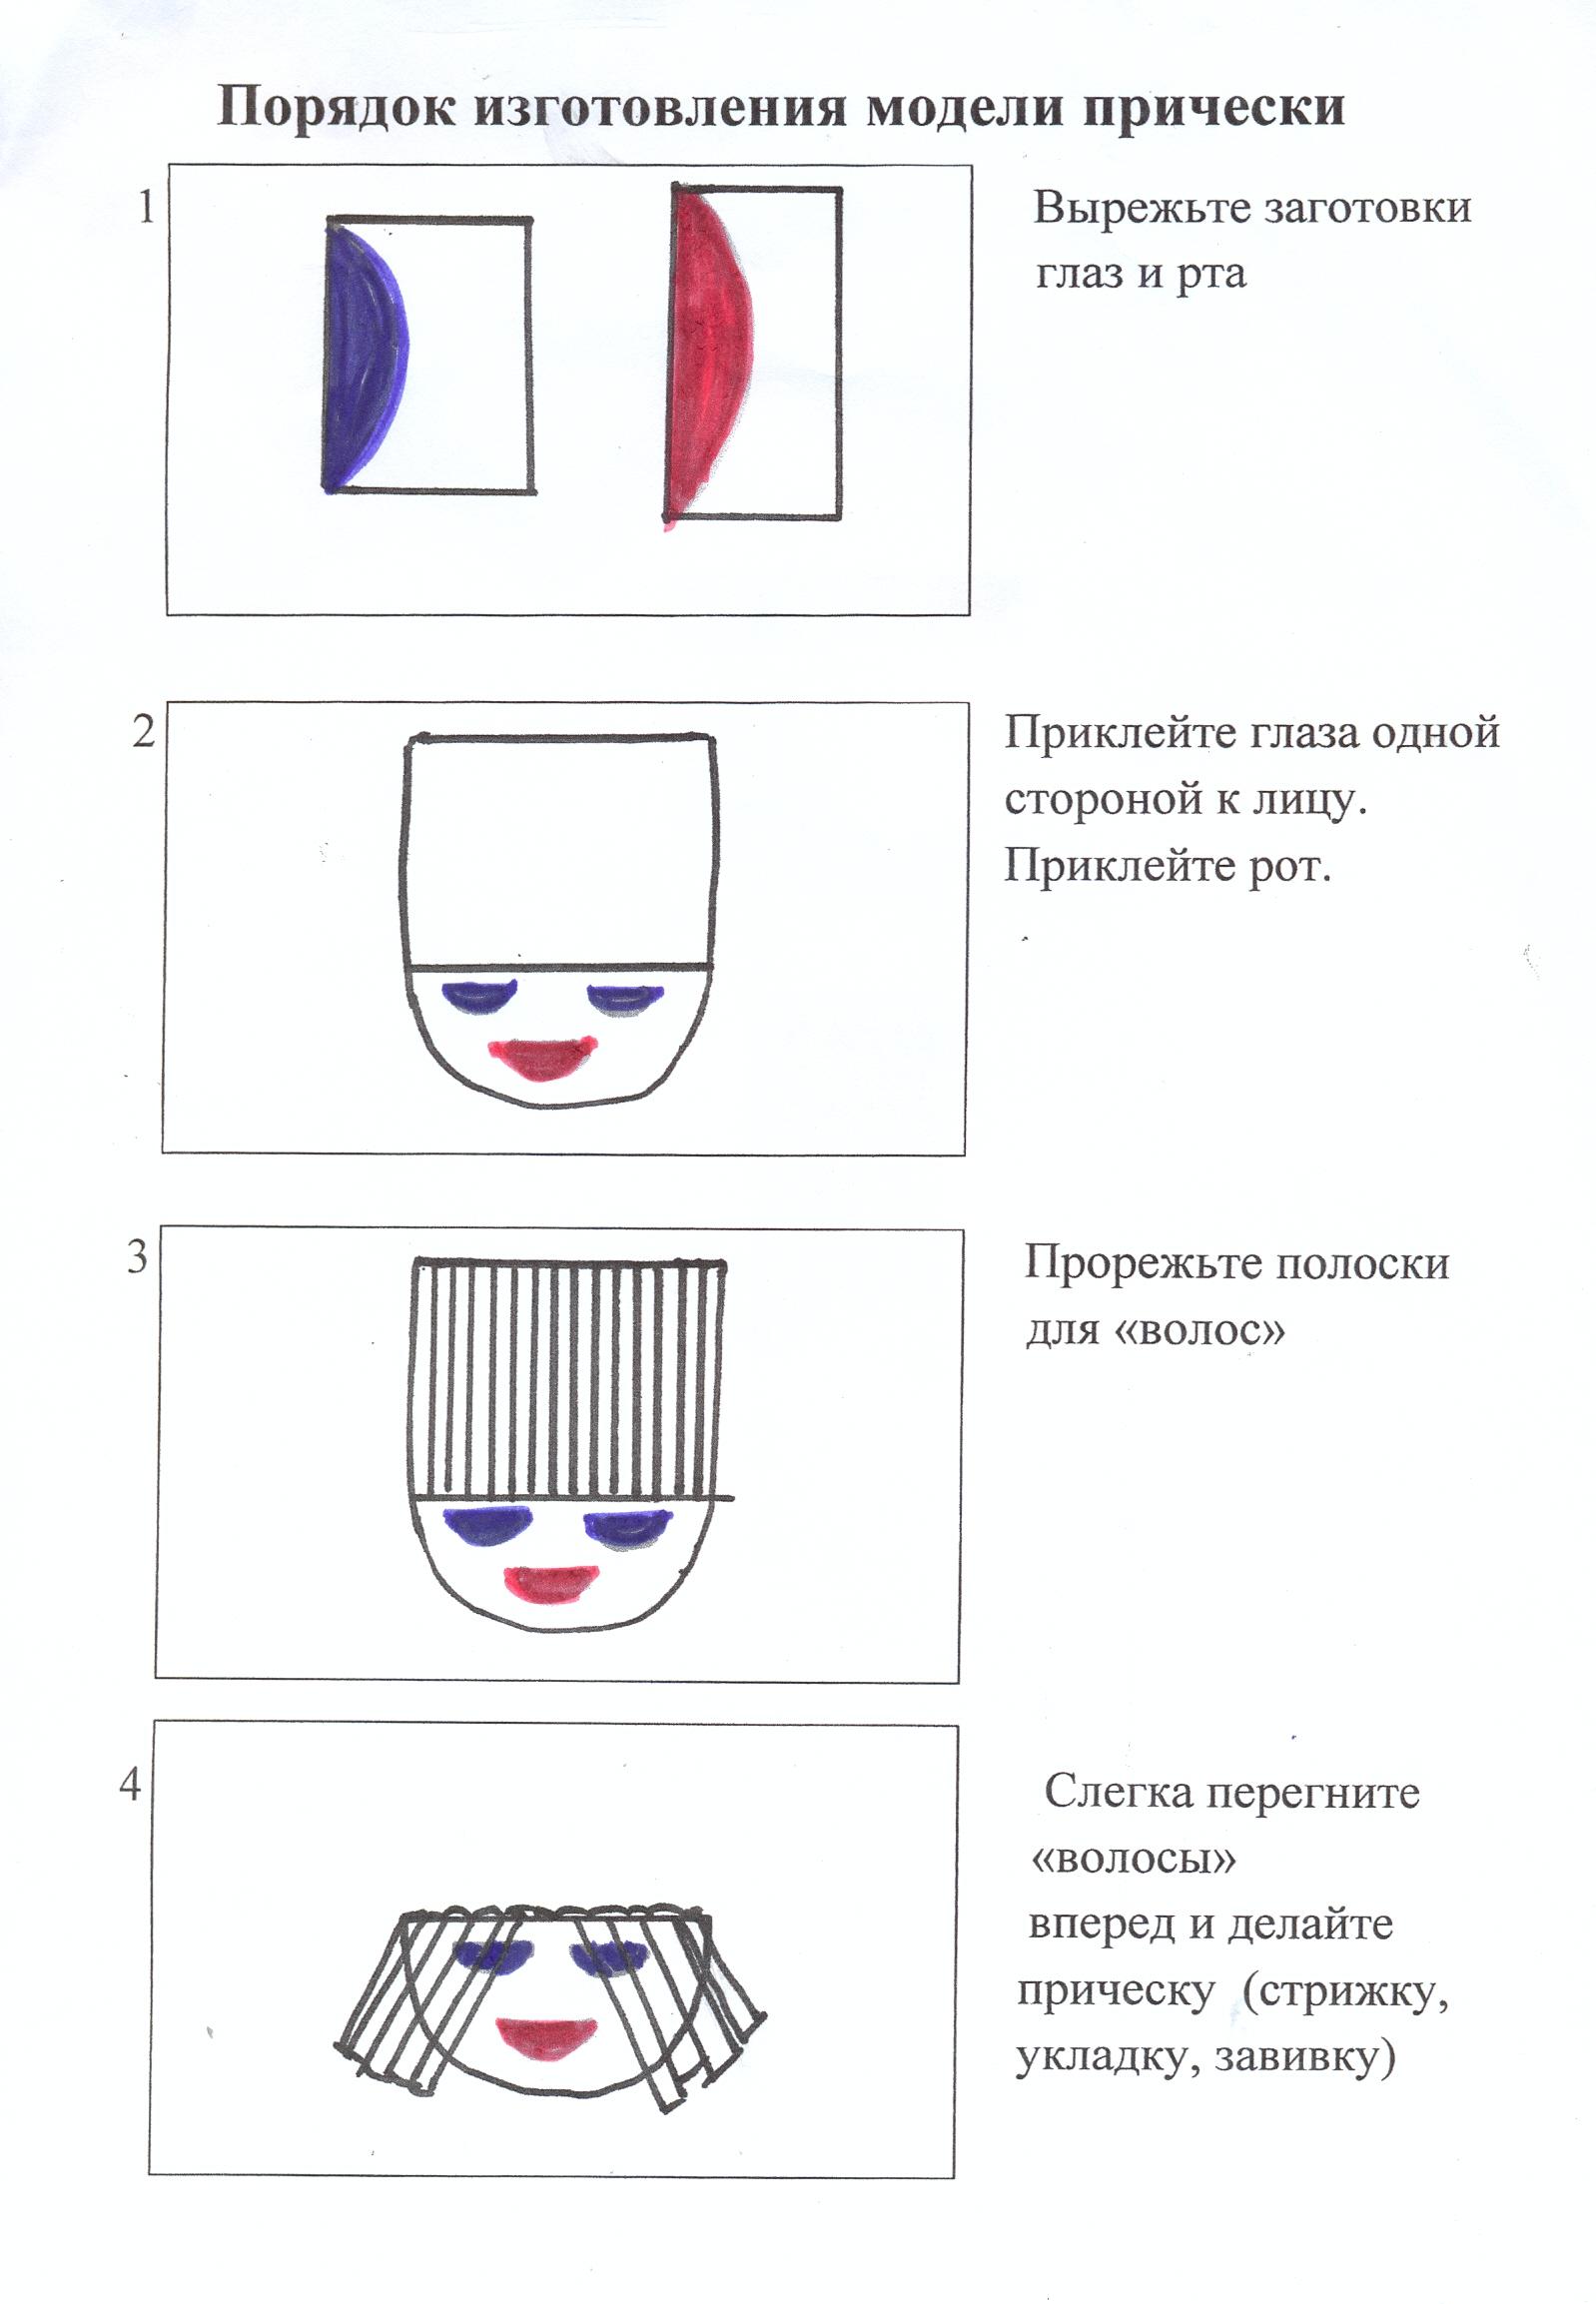 C:\Documents and Settings\Администратор\Мои документы\Мои рисунки\Мои сканированные изображения\сканирование0187.jpg